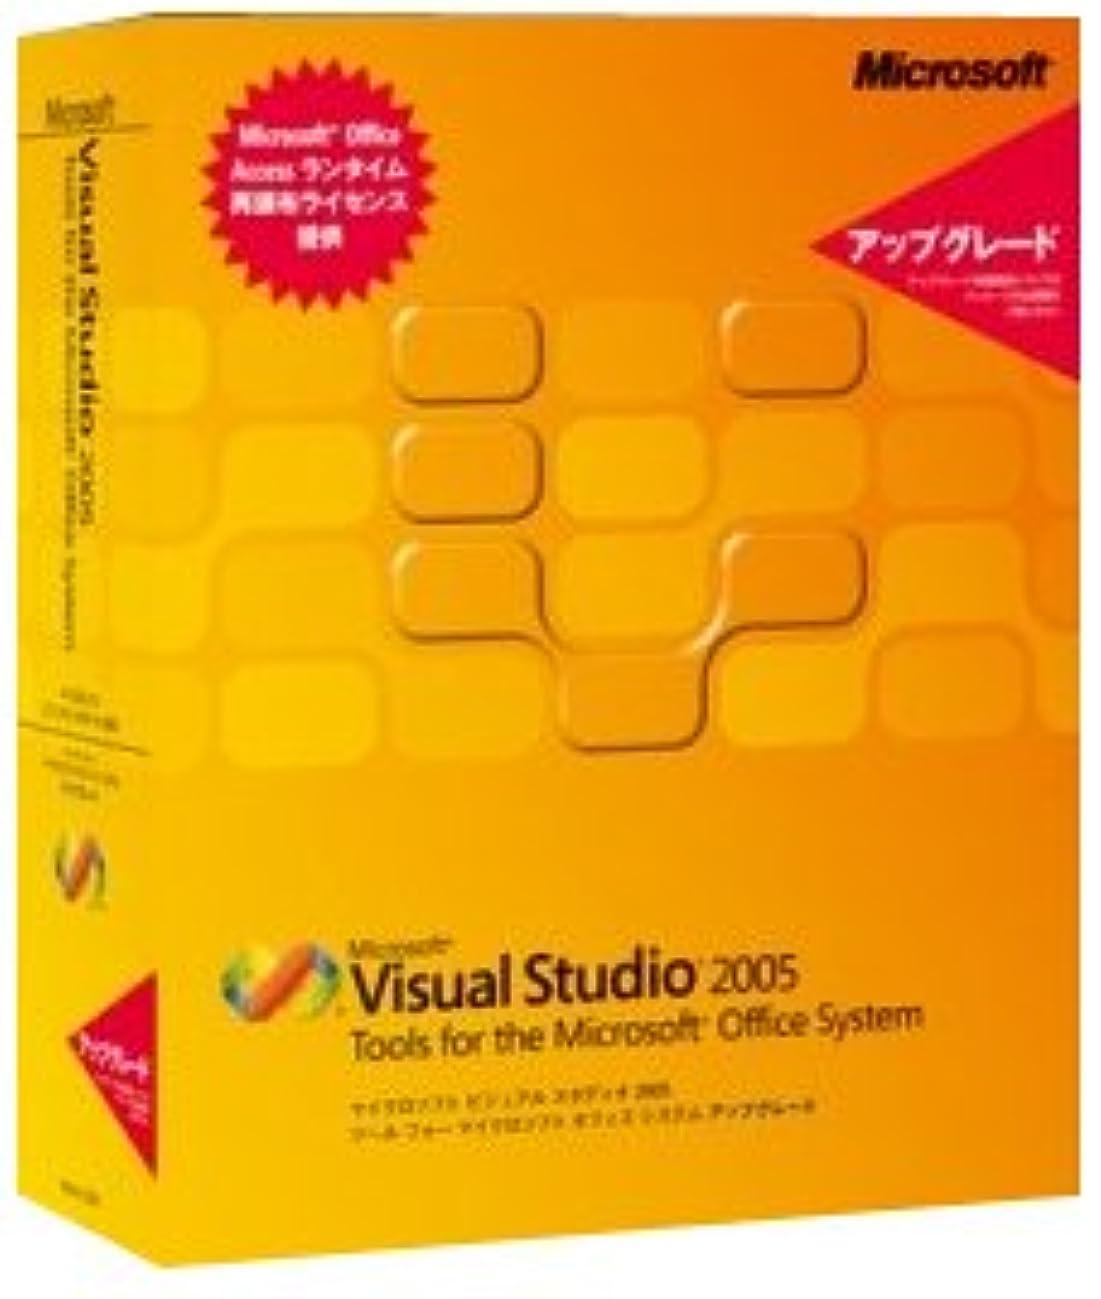 アルネかんたんじゃがいもVisual Studio Tools For Office 2005 アップグレード版